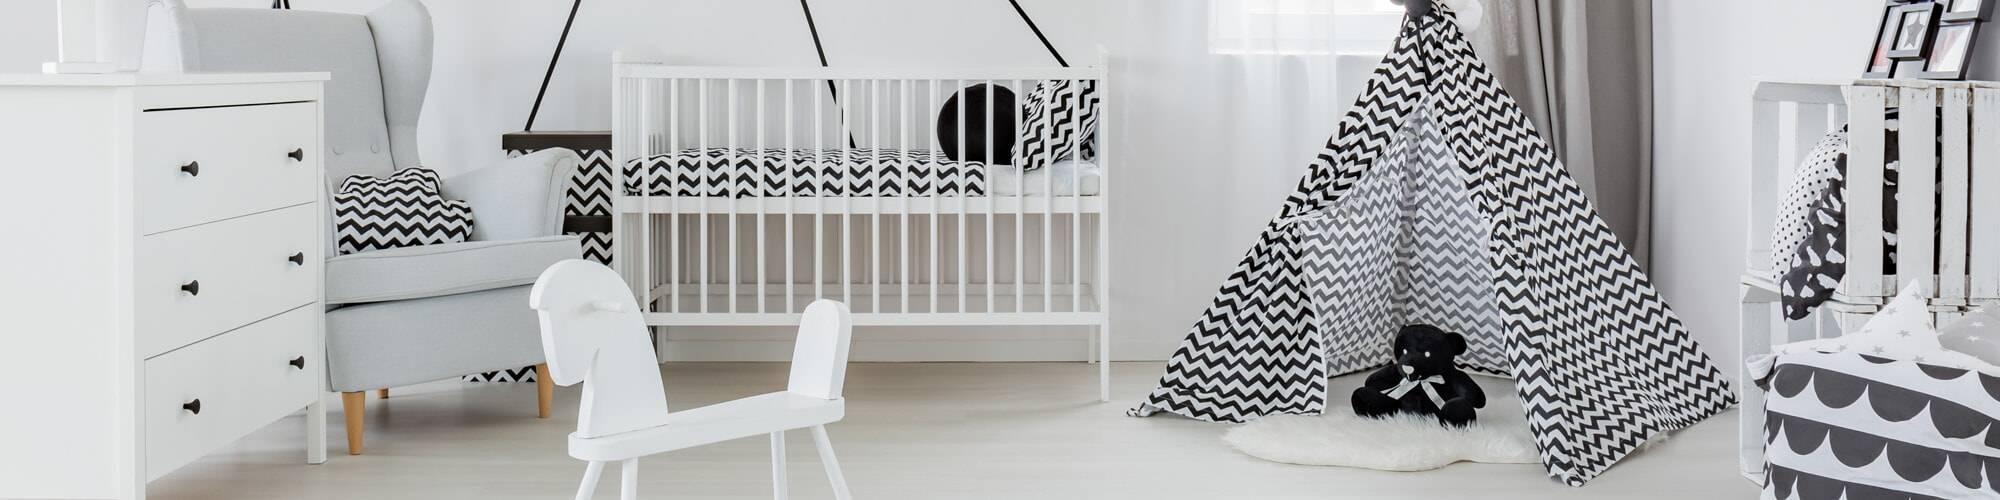 Mobilier et décoration pas cher pour la chambre de bébé ...